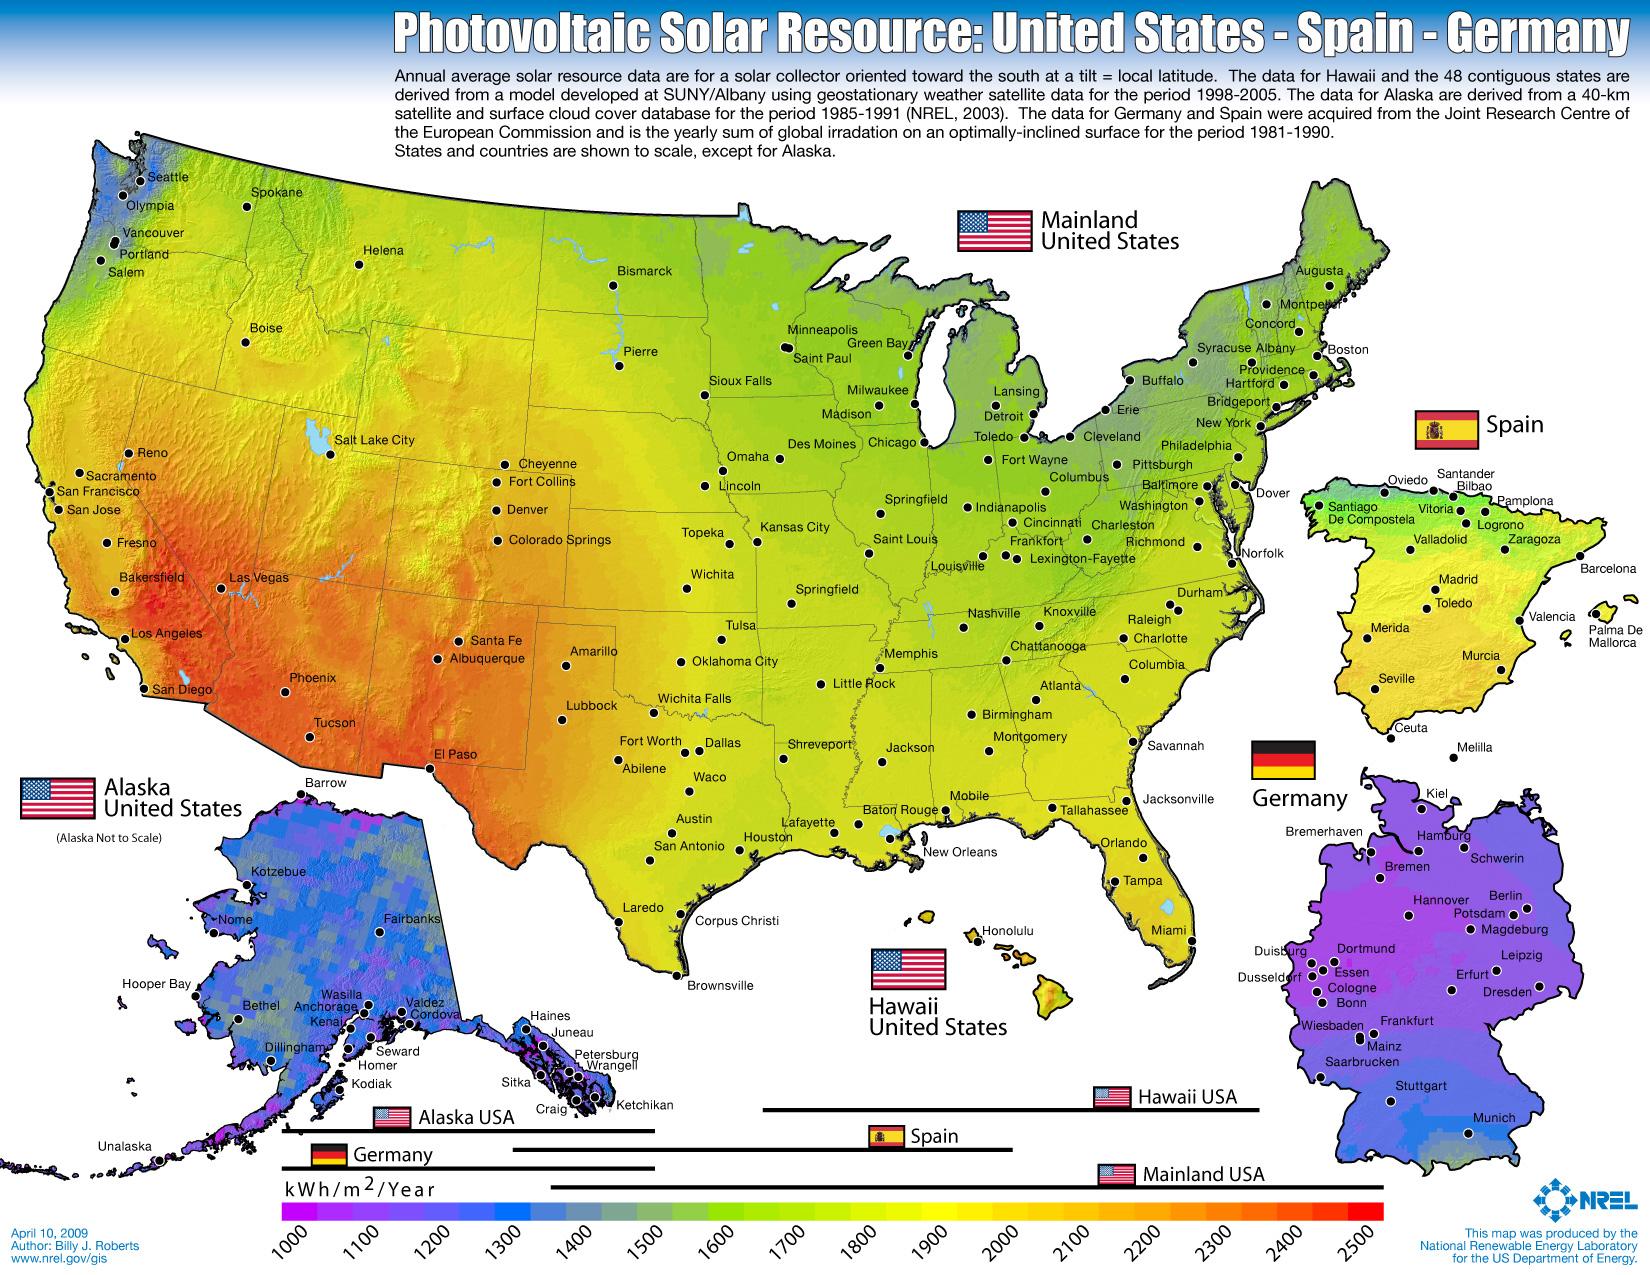 Photovoltaik-Anlagen in Deutschland sind rentabel, die USA hat deutlich mehr Sonneneinstrahlung